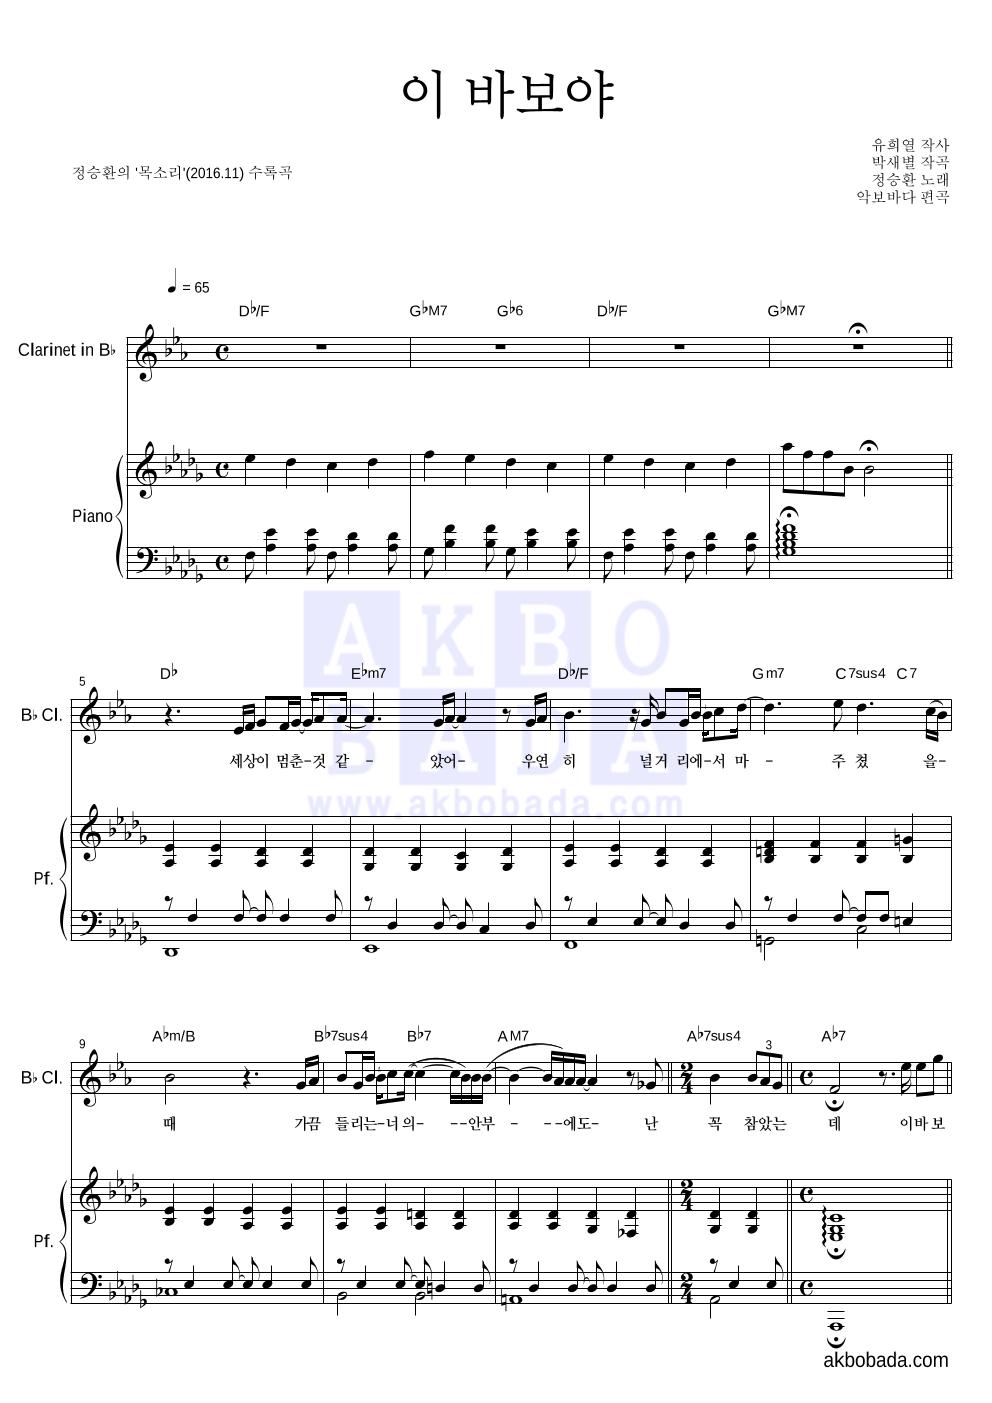 정승환 - 이 바보야 클라리넷&피아노 악보